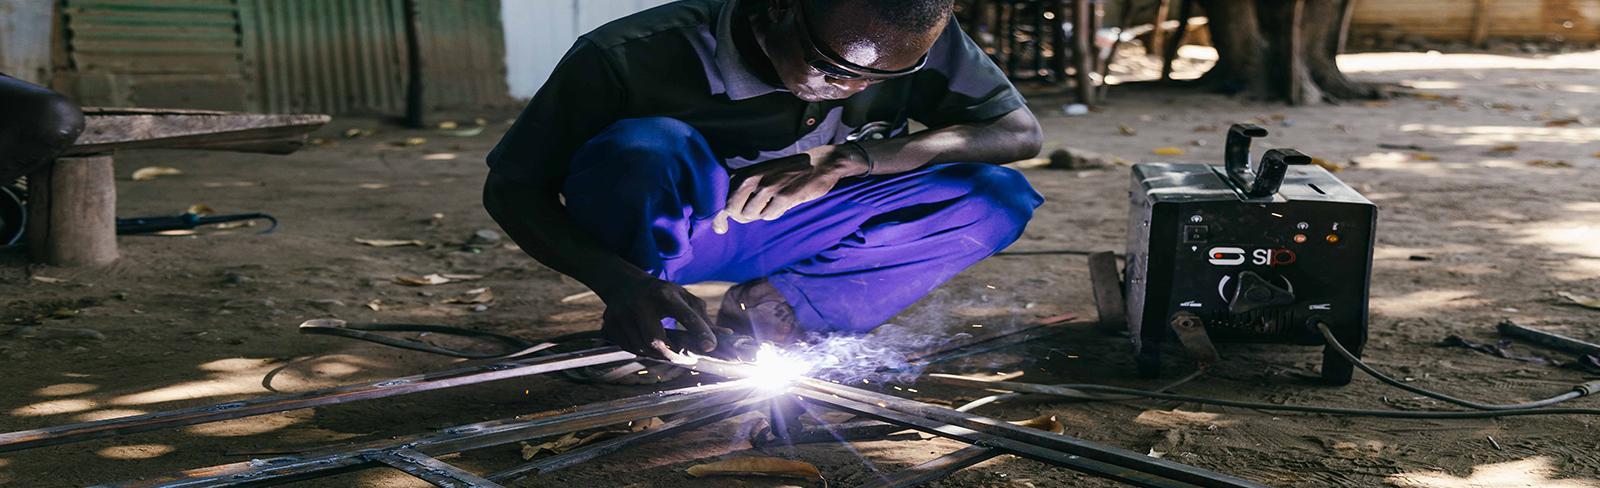 Kenya, welder